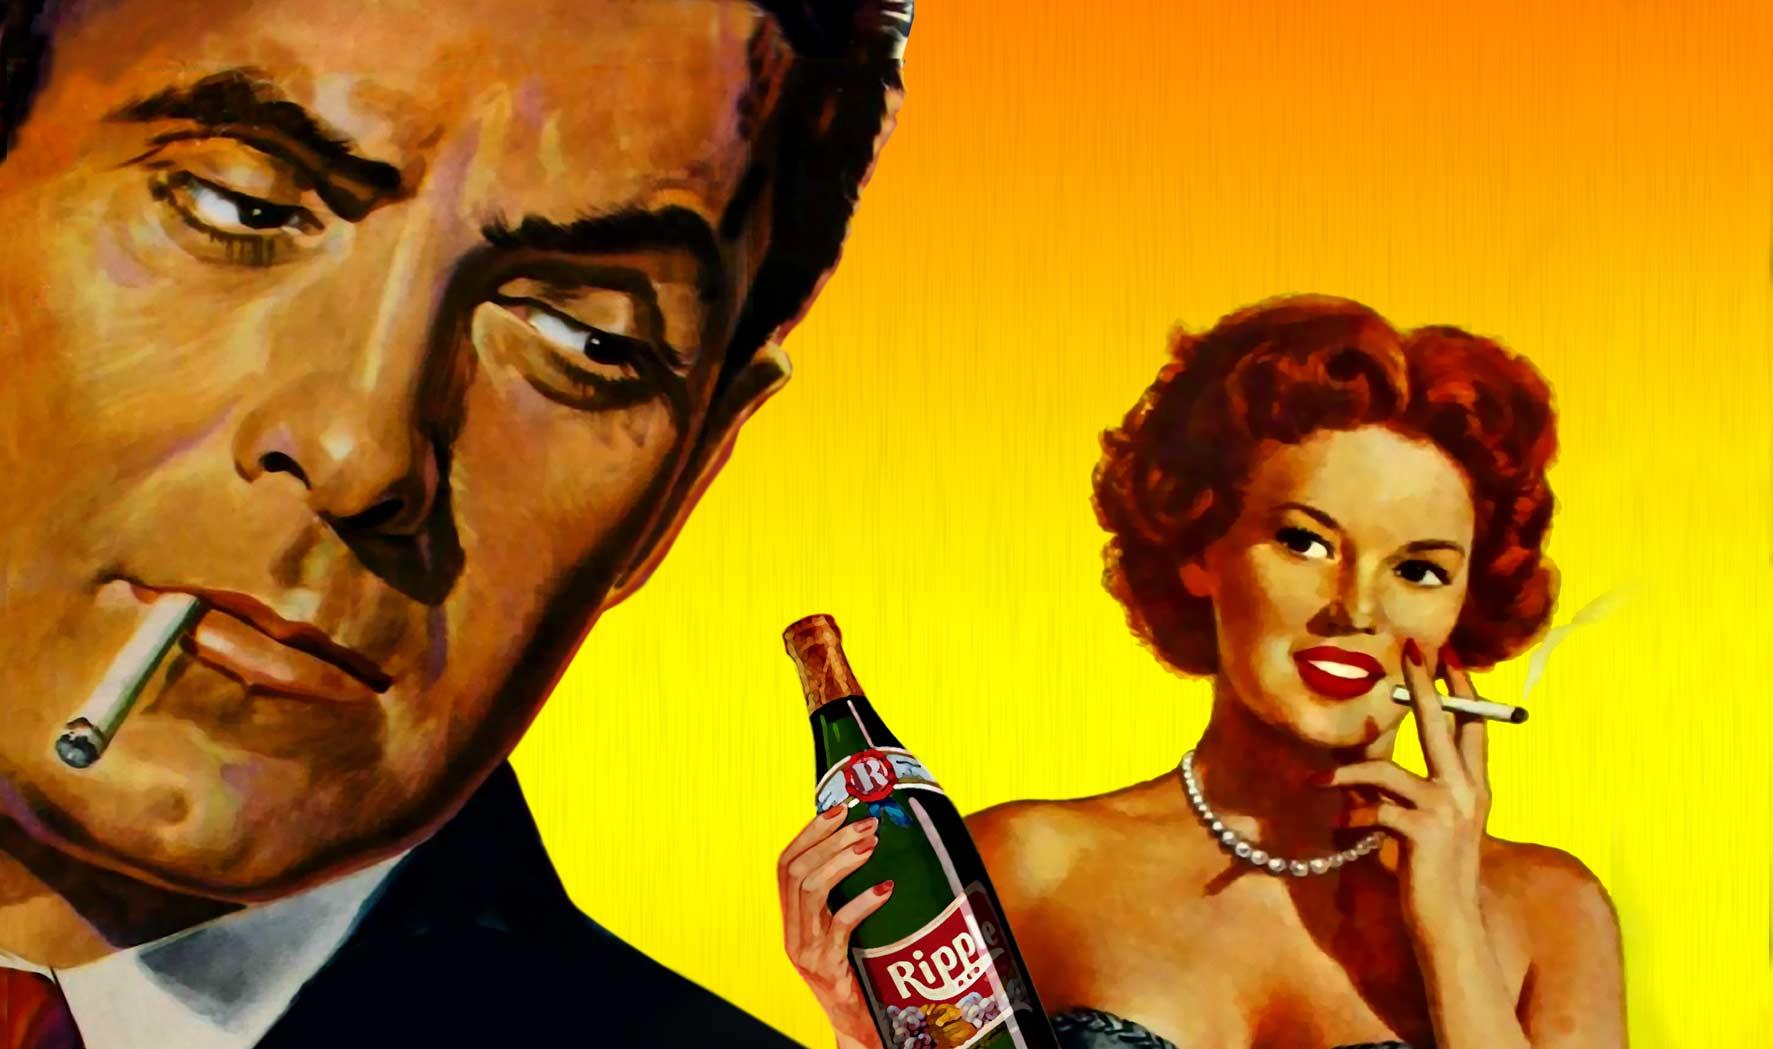 Modern drunkard drinking alone